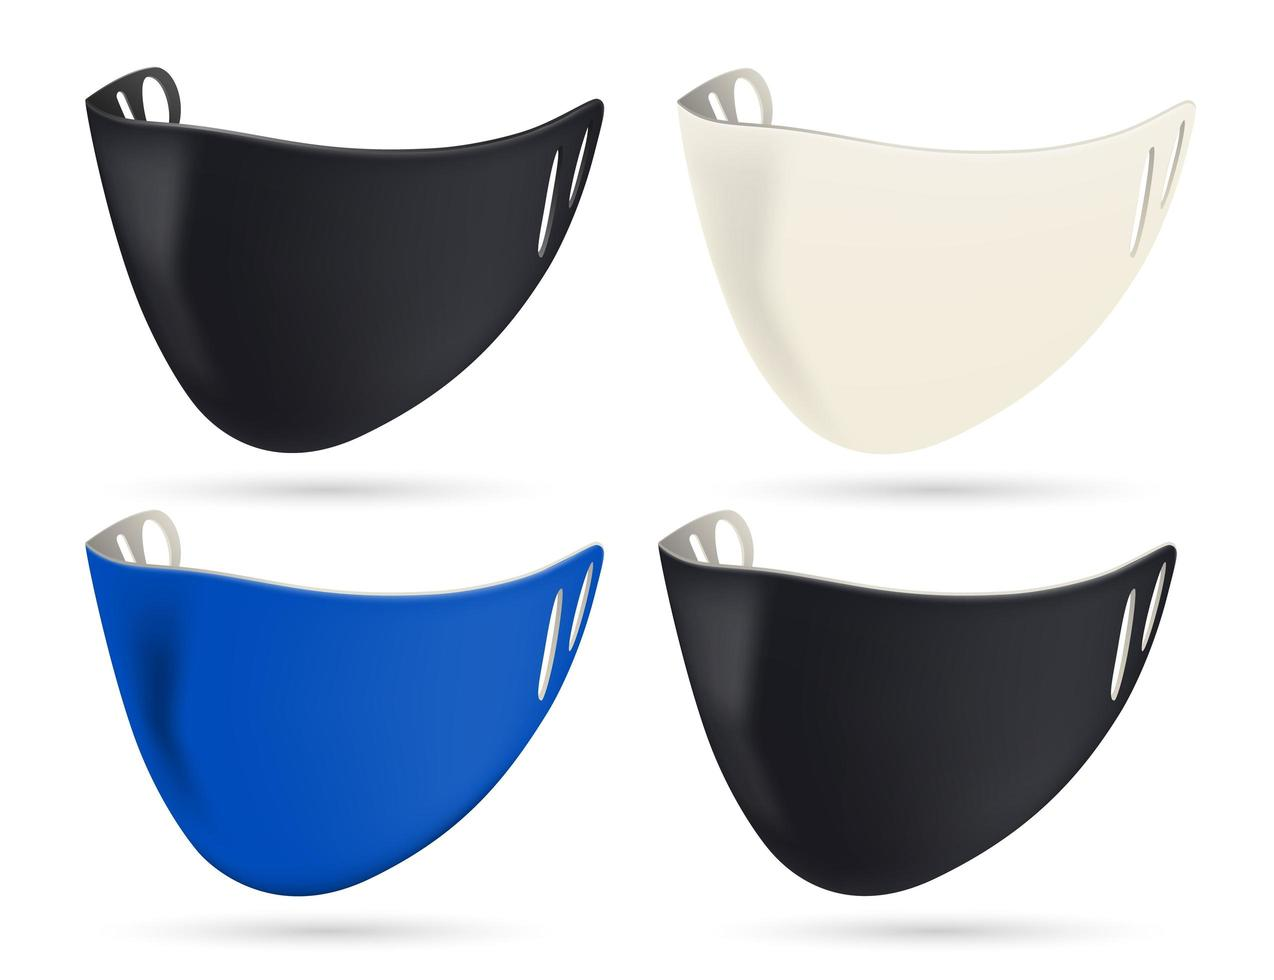 conjunto de mascarillas protectoras negro, blanco y azul vector